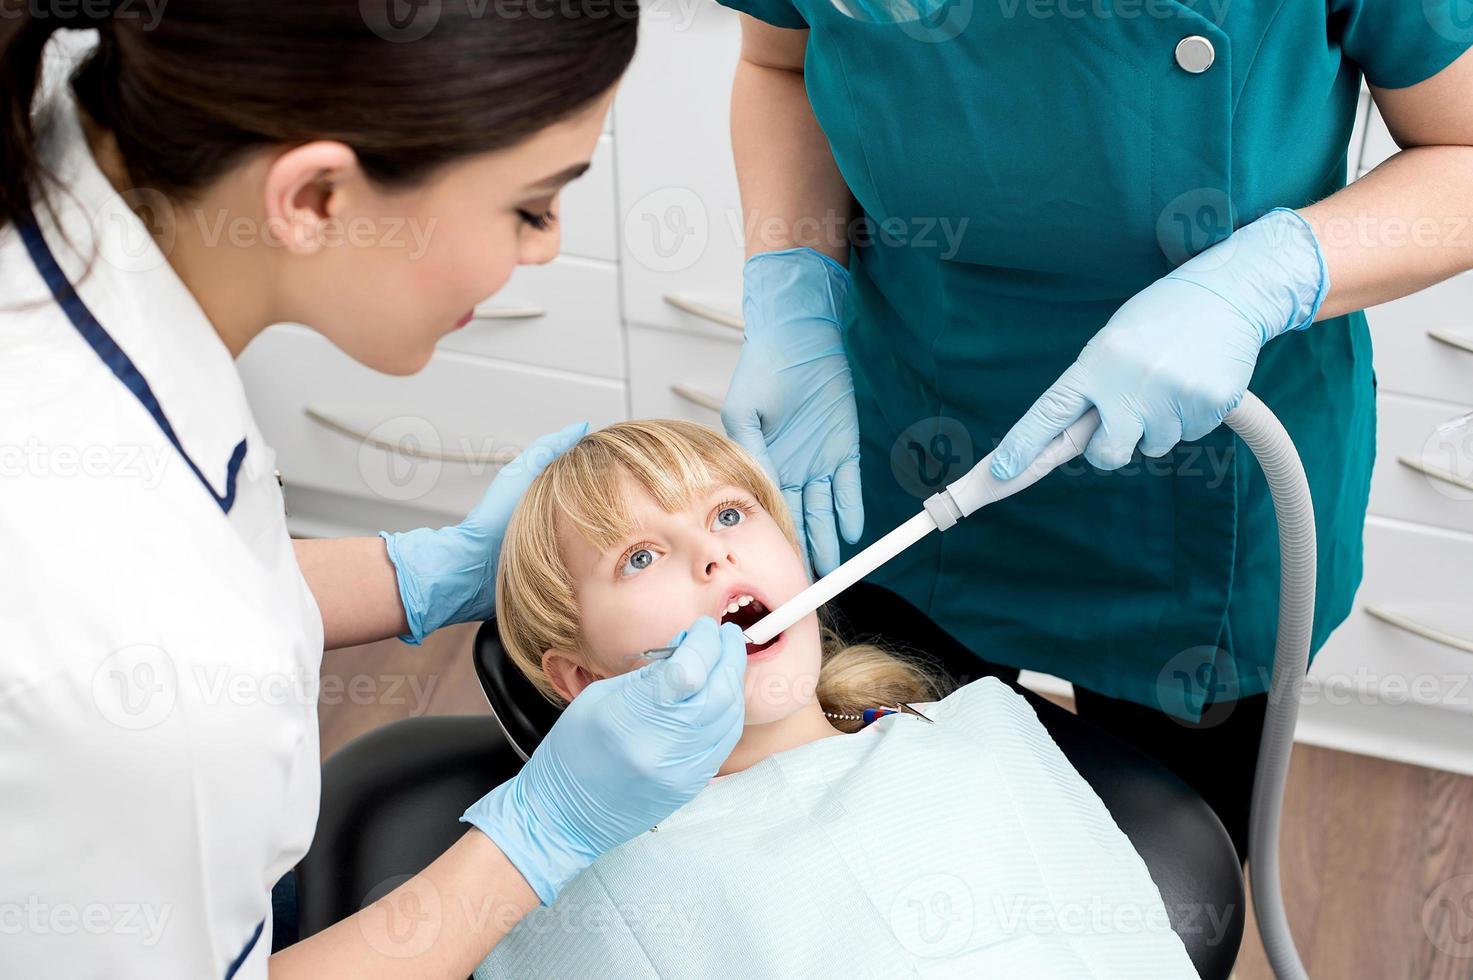 asistente dental tratar a una niña foto